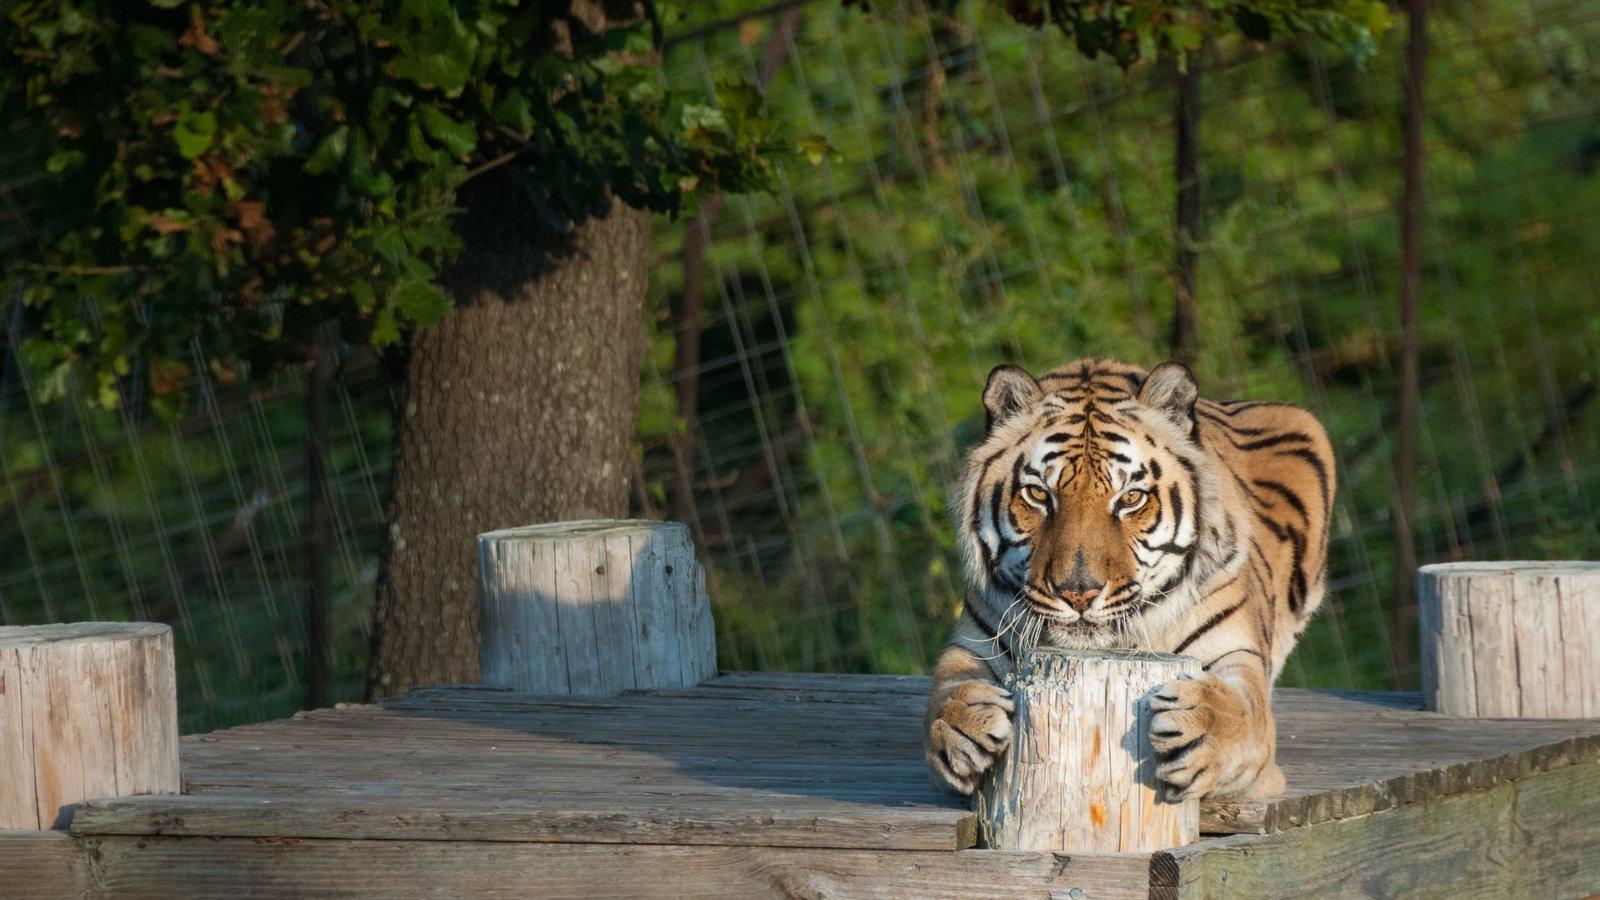 Reserva Natural Turpentine Creek caracterizando animais perigosos e animais de zoológico